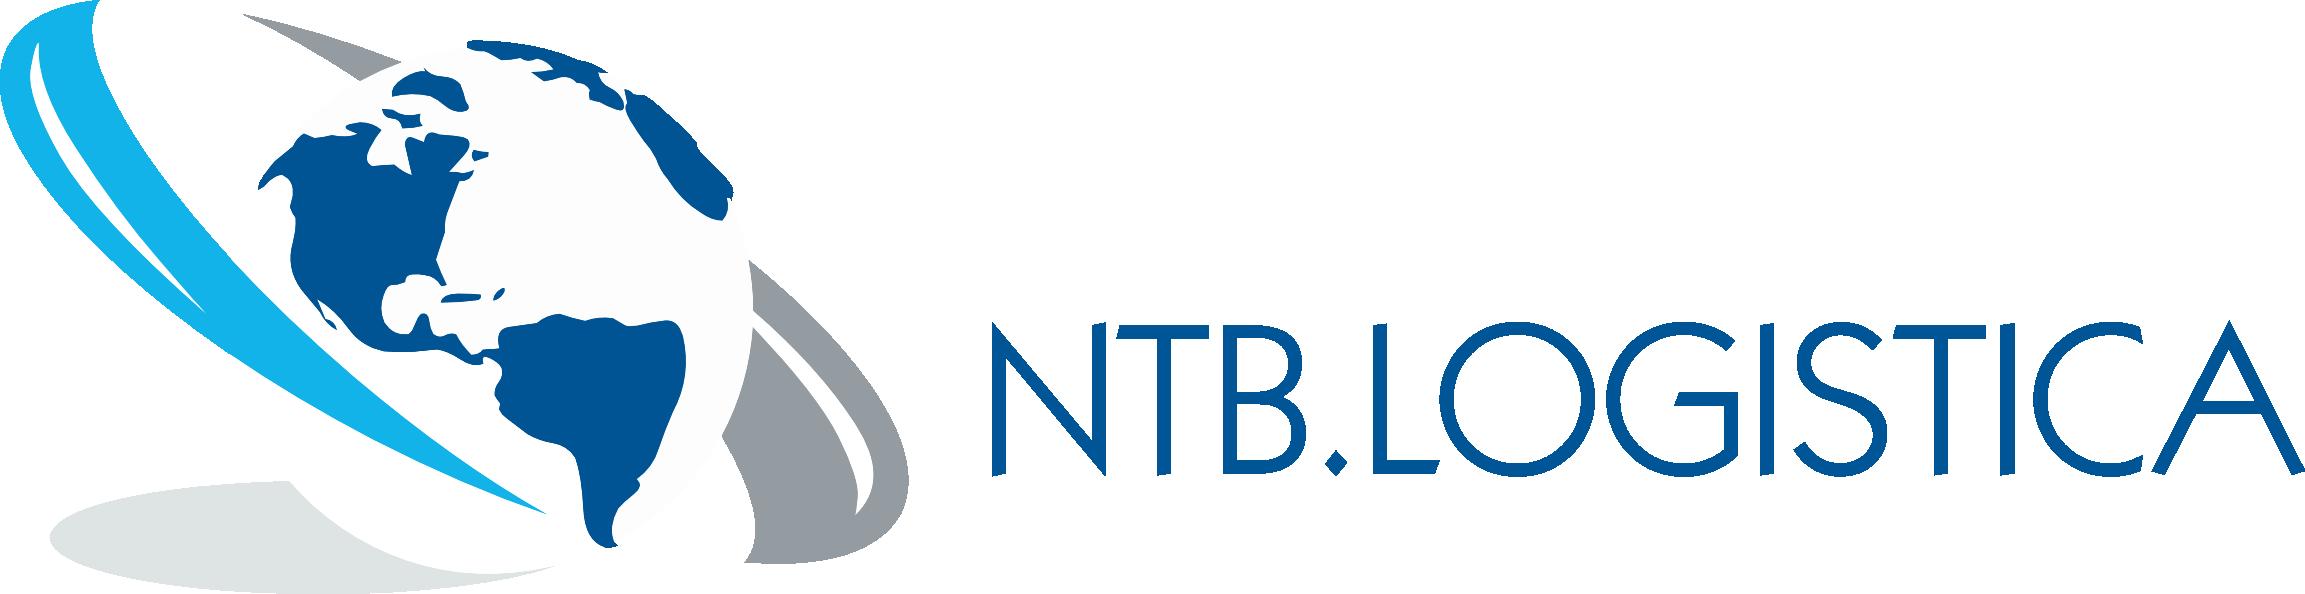 Ntb logistica todos los servicios de log stica y transporte for Oficina trafico sabadell